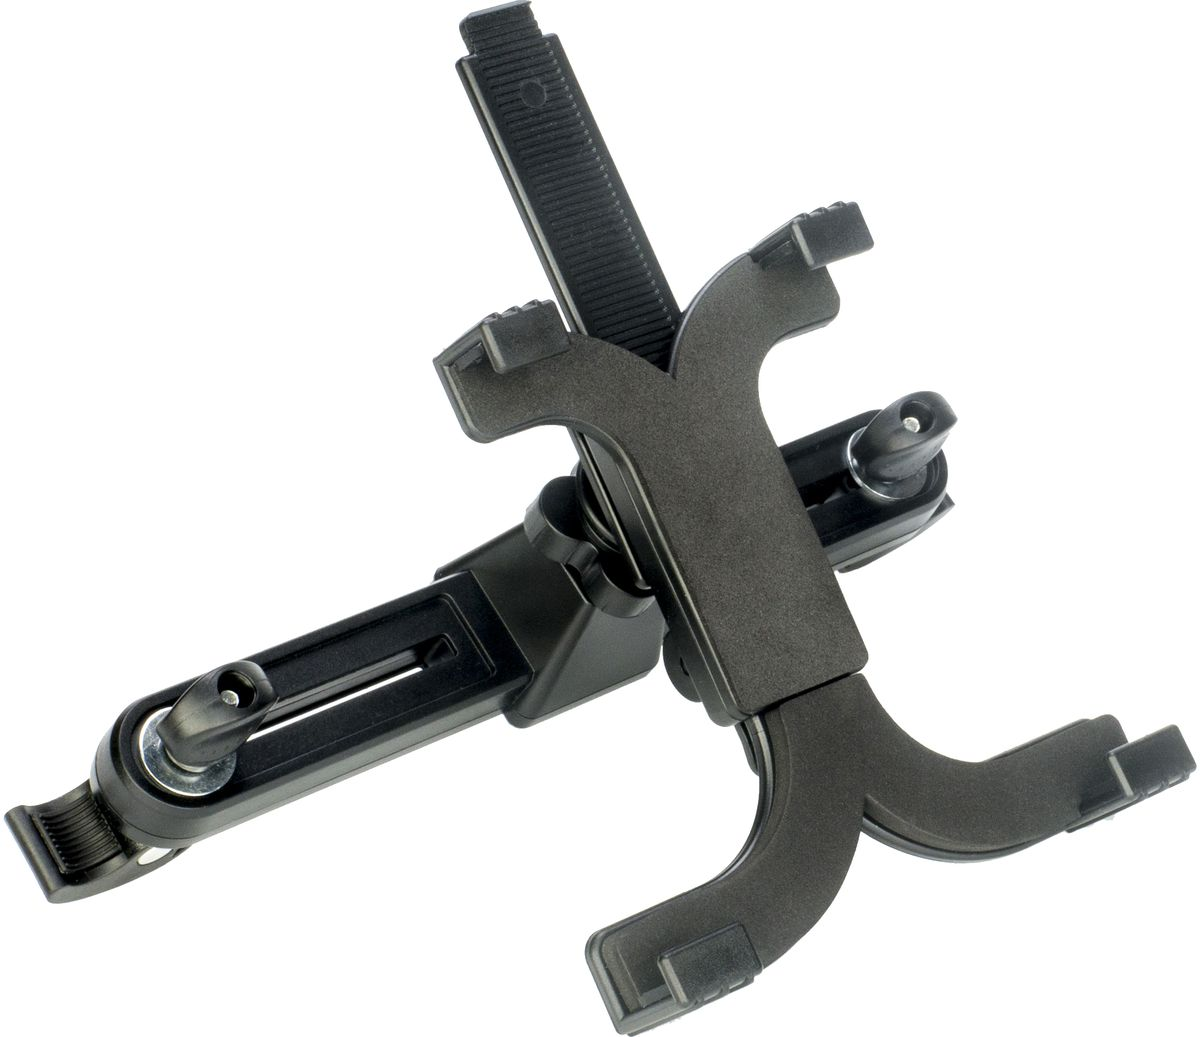 Держатель для планшета Zipower, 115-205 мм. PM 6619 держатель для планшета в дисковод для авто